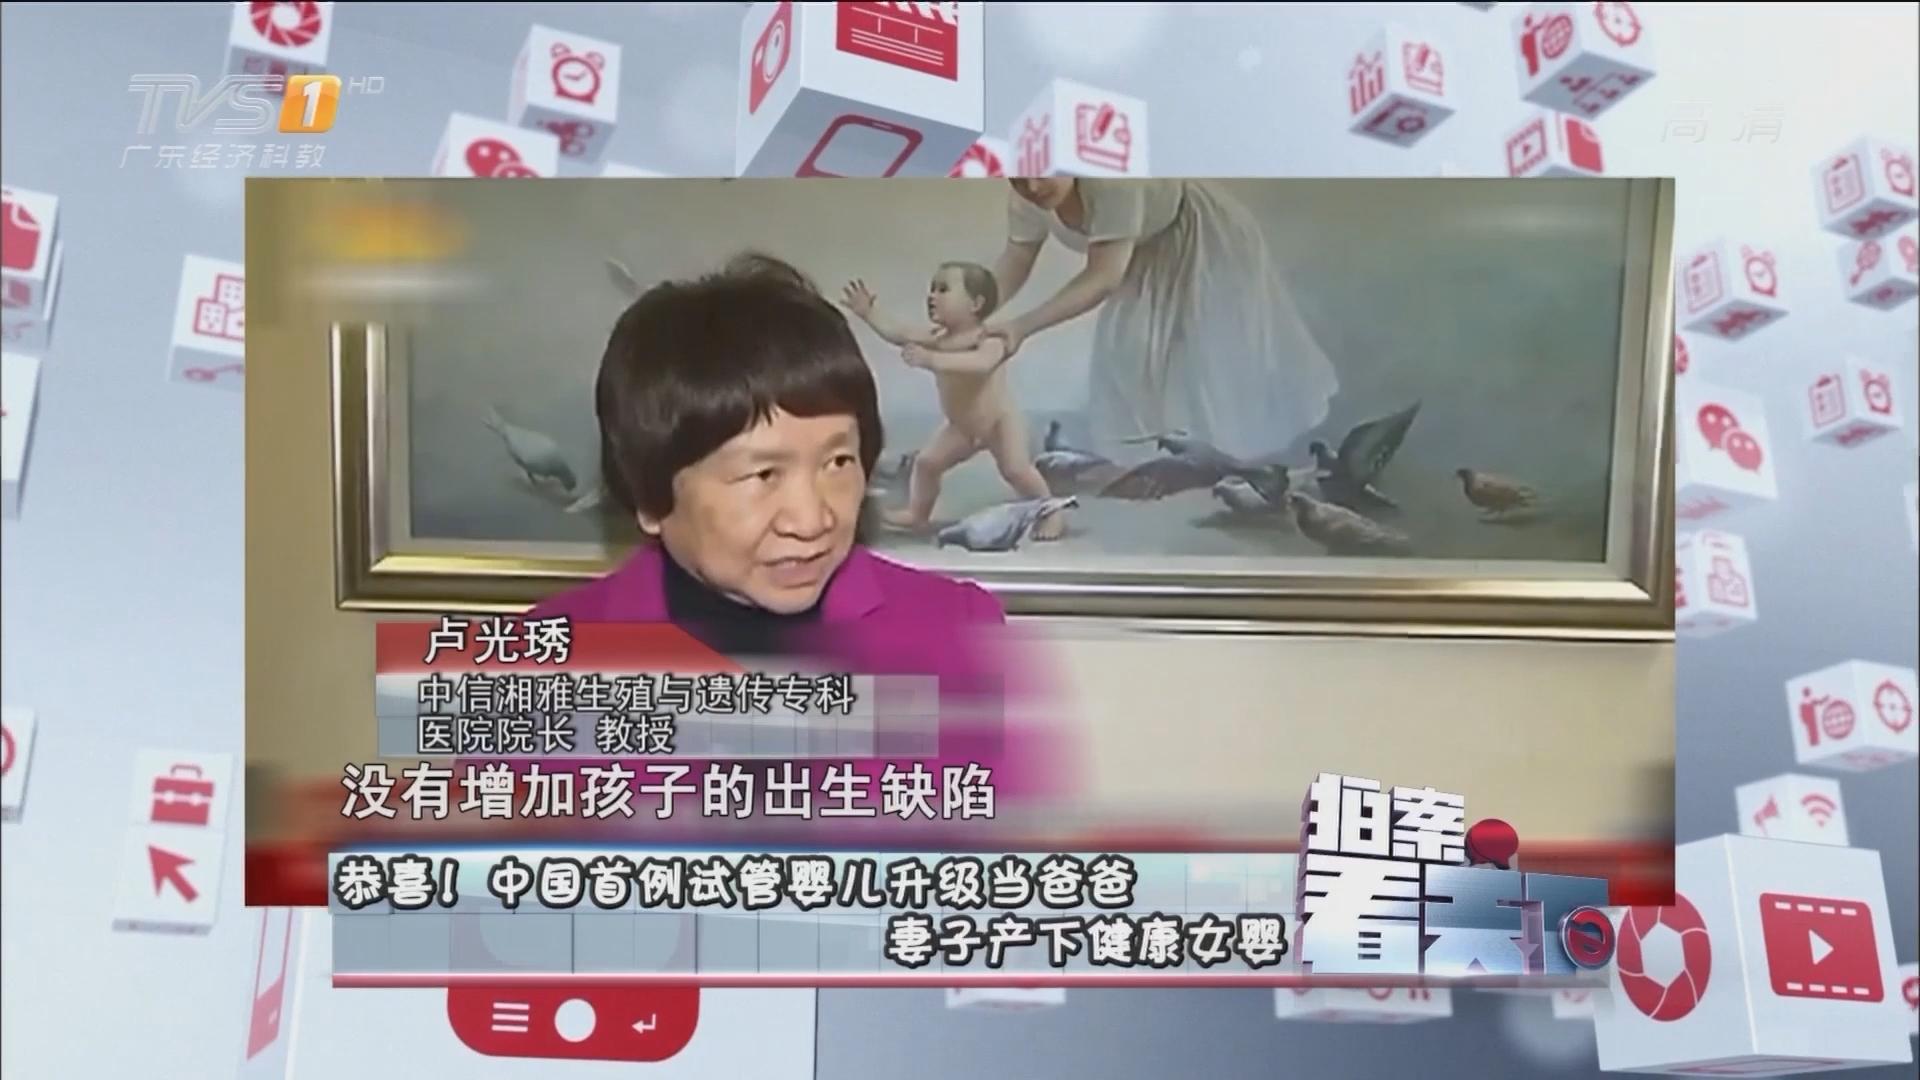 恭喜!中国首例试管婴儿升级当爸爸 妻子产下健康女婴